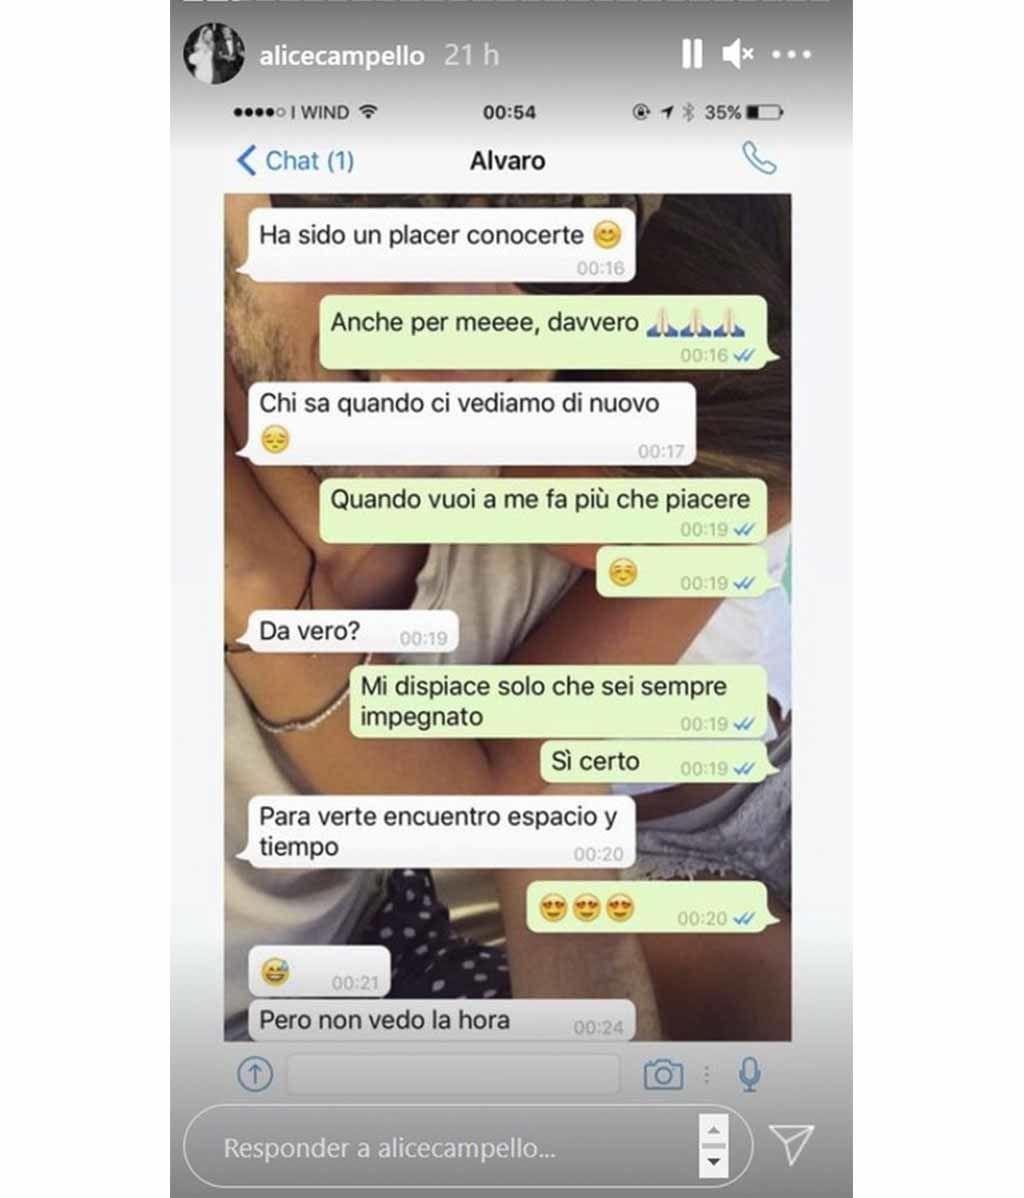 La conversación que mantuvieron Alice Campello y Álvaro Morata tras conocerse